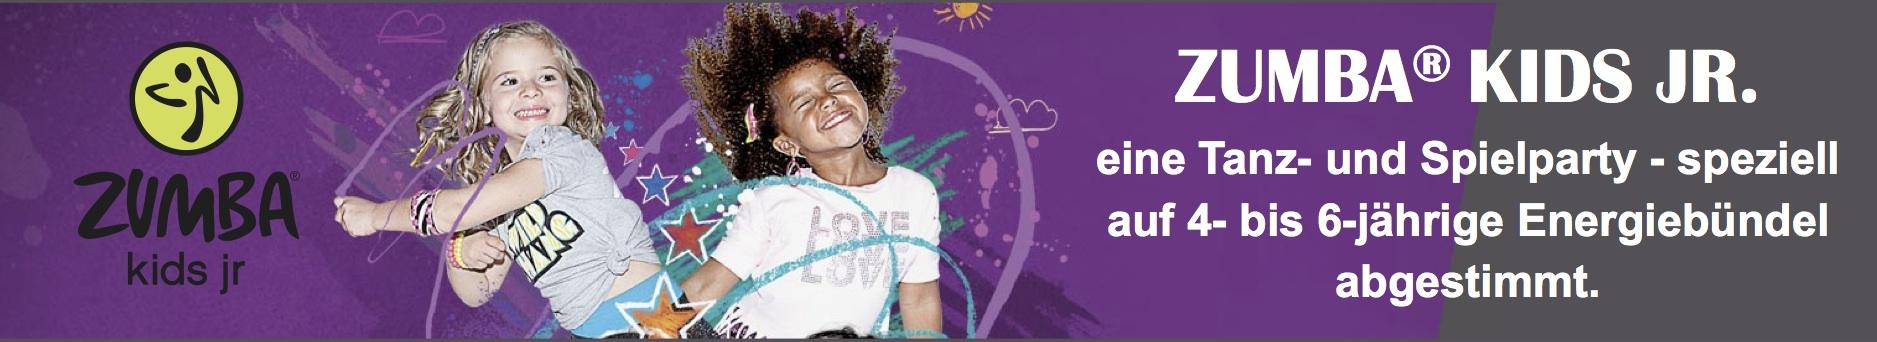 Zumba Kids Jr. Tanzkurs für Kinder zum Austoben und Tanzen lernen